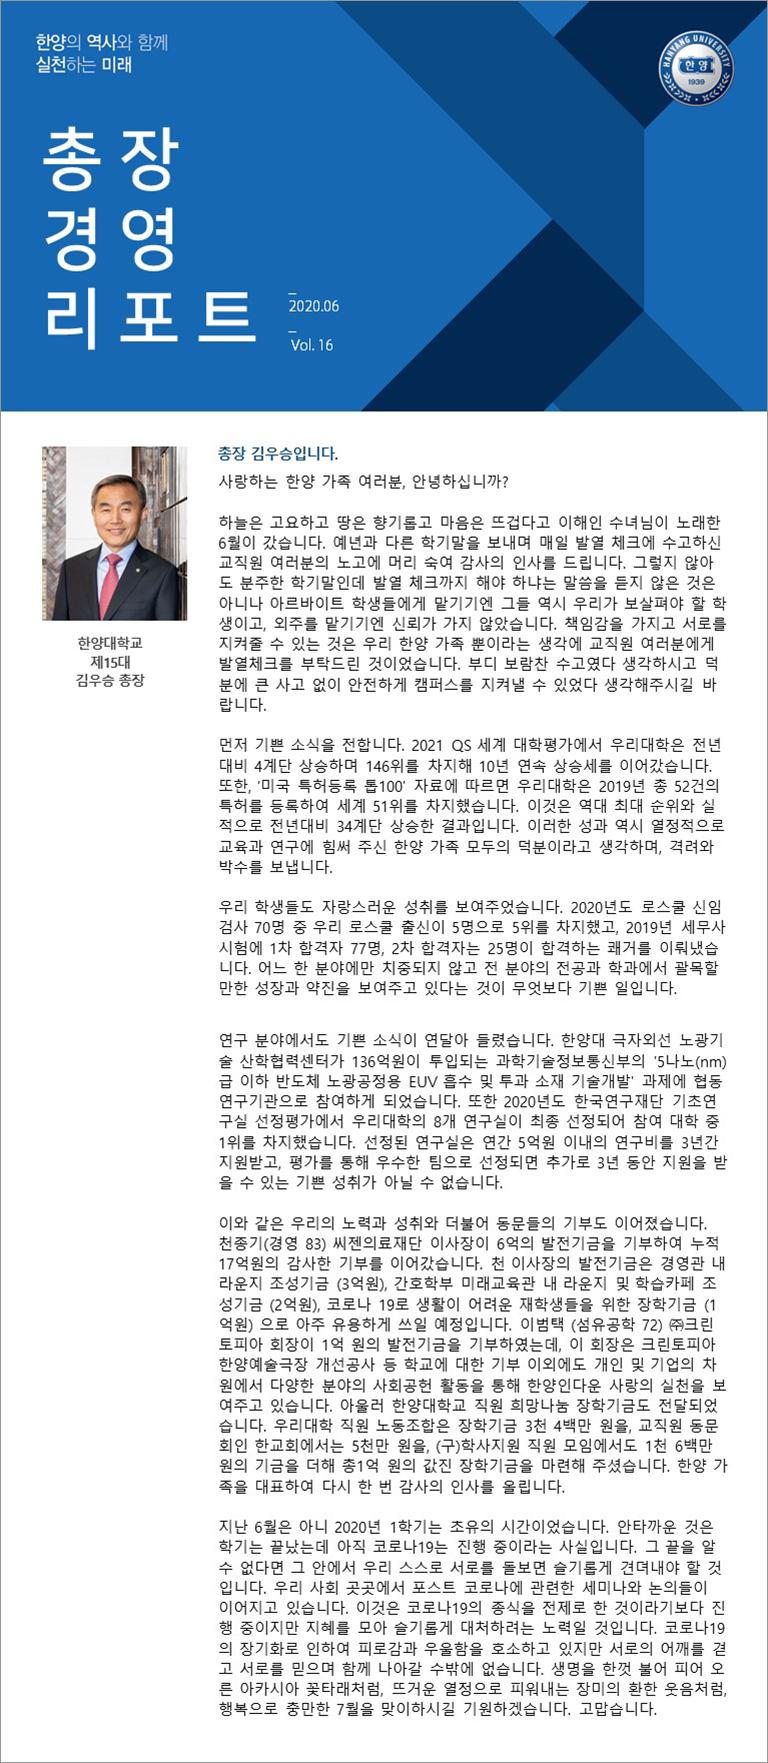 총장경영리포트 2020년 6월호